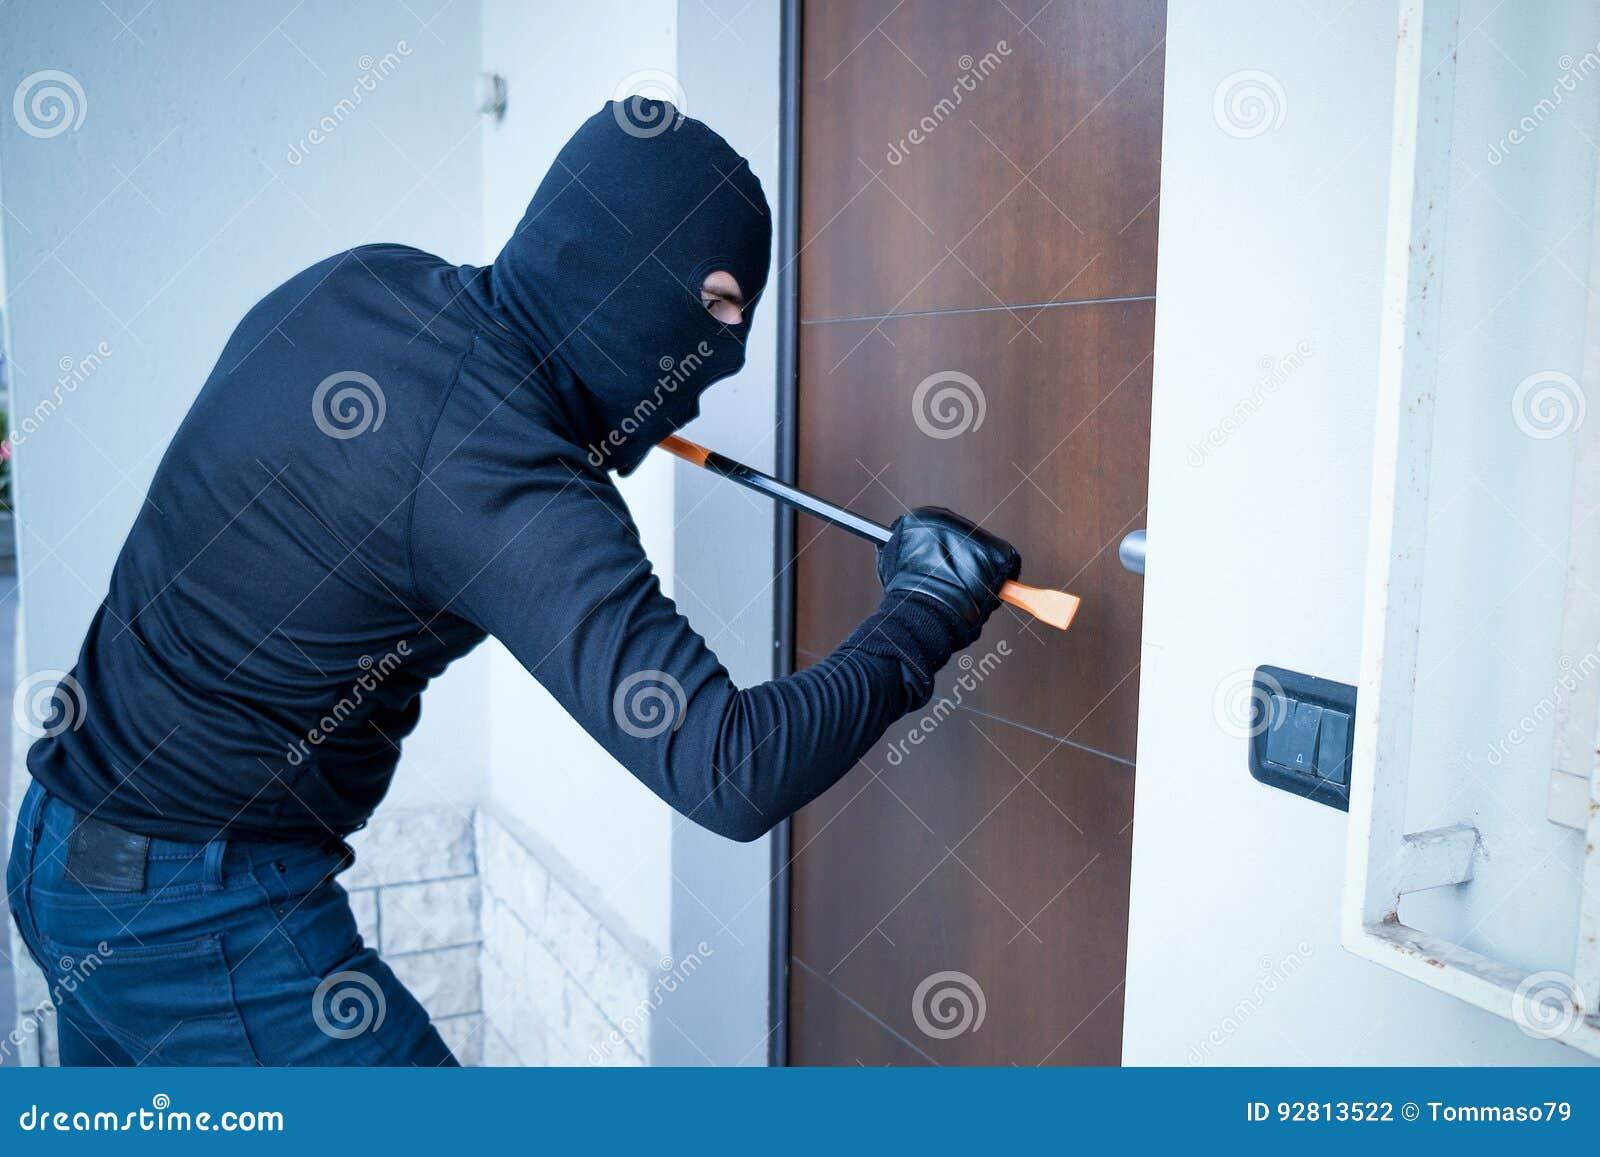 Burglar trying to force a door